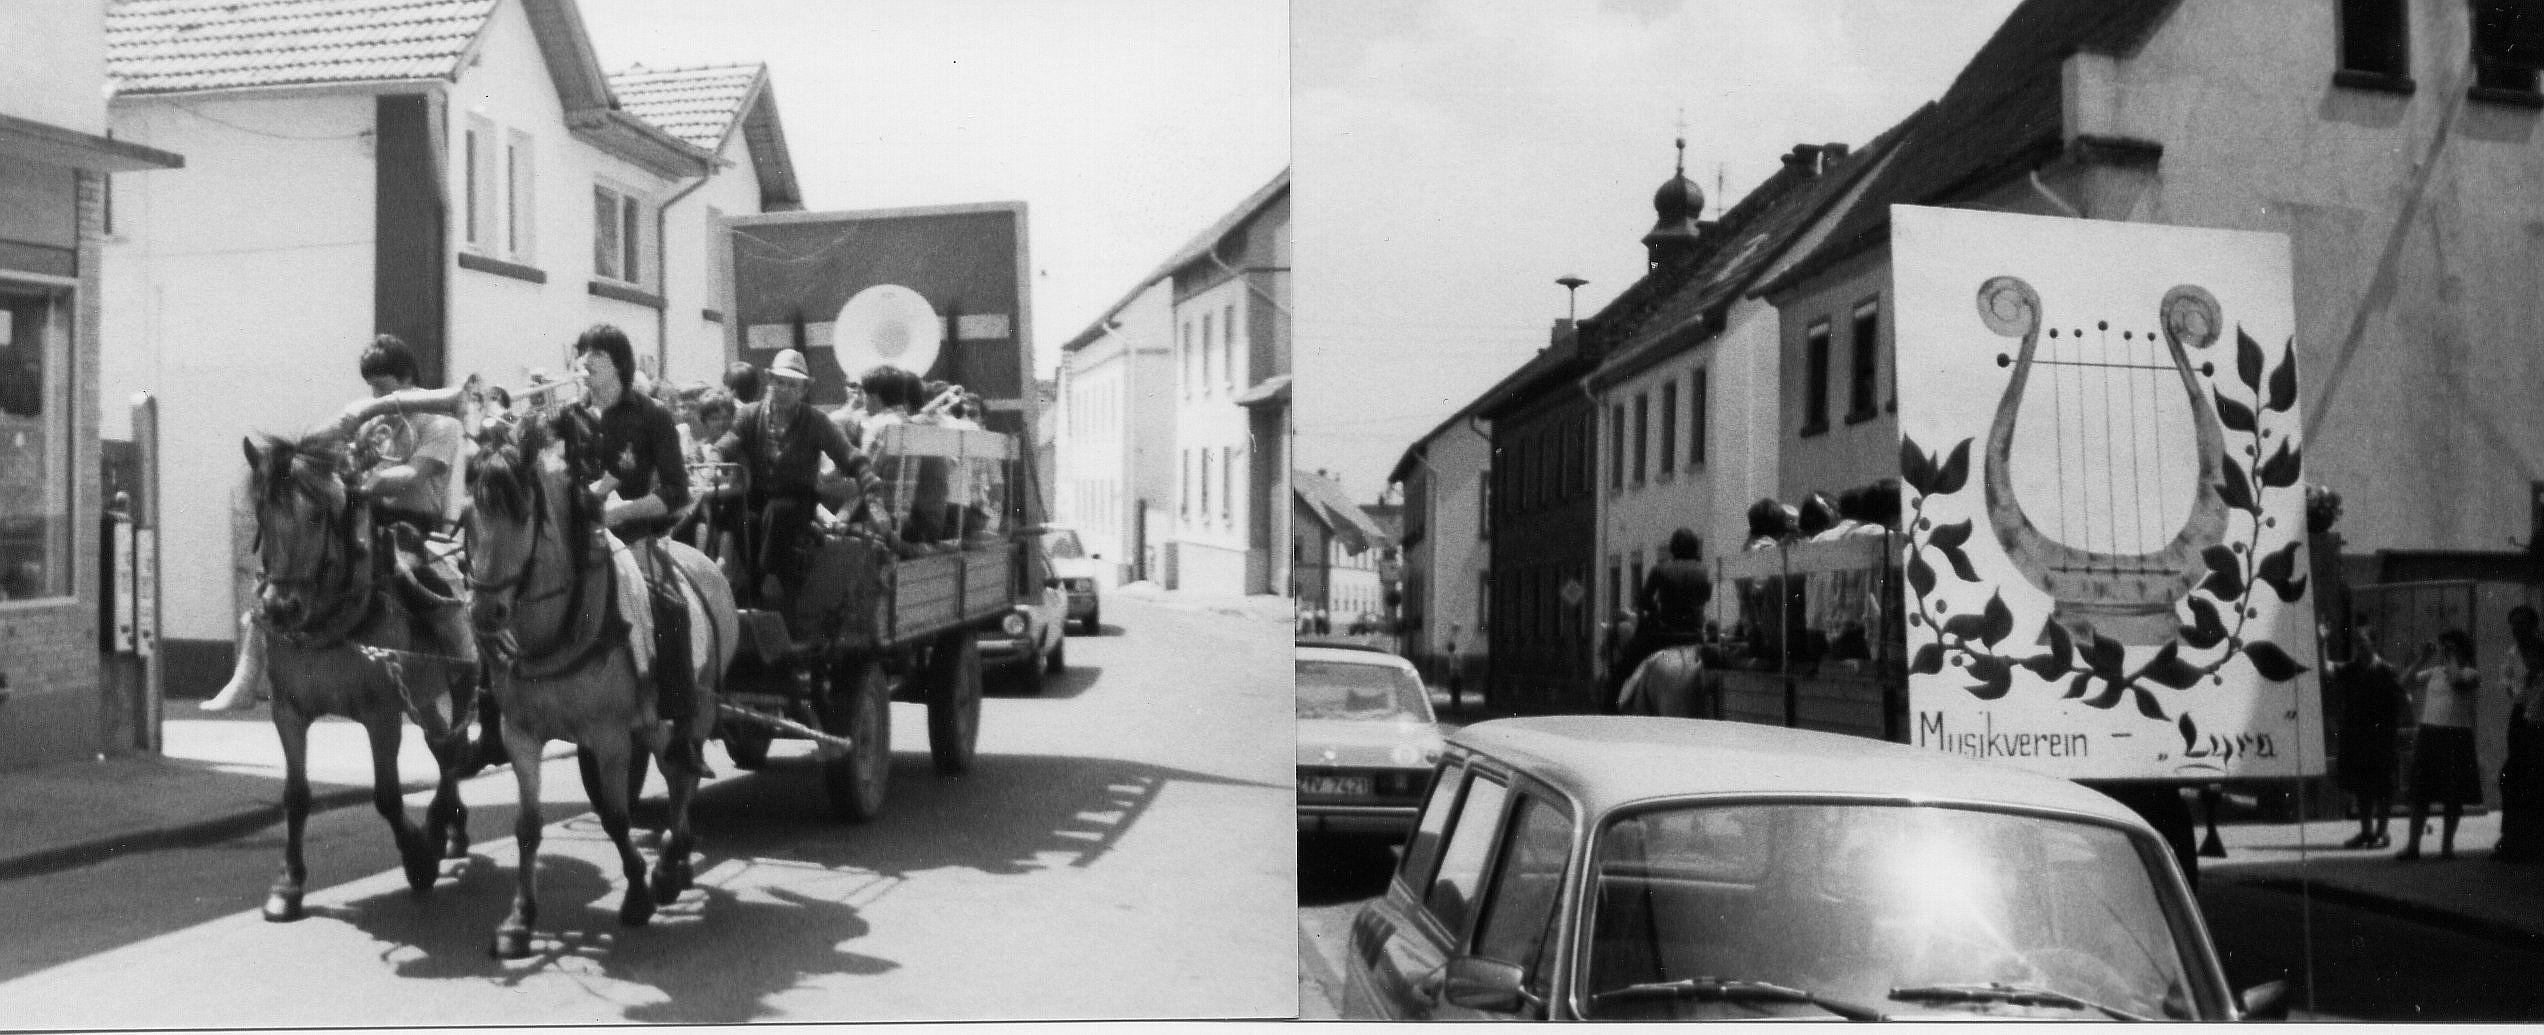 1980ca_Lö_zumSchlachtfestMitPlanwagen_SW